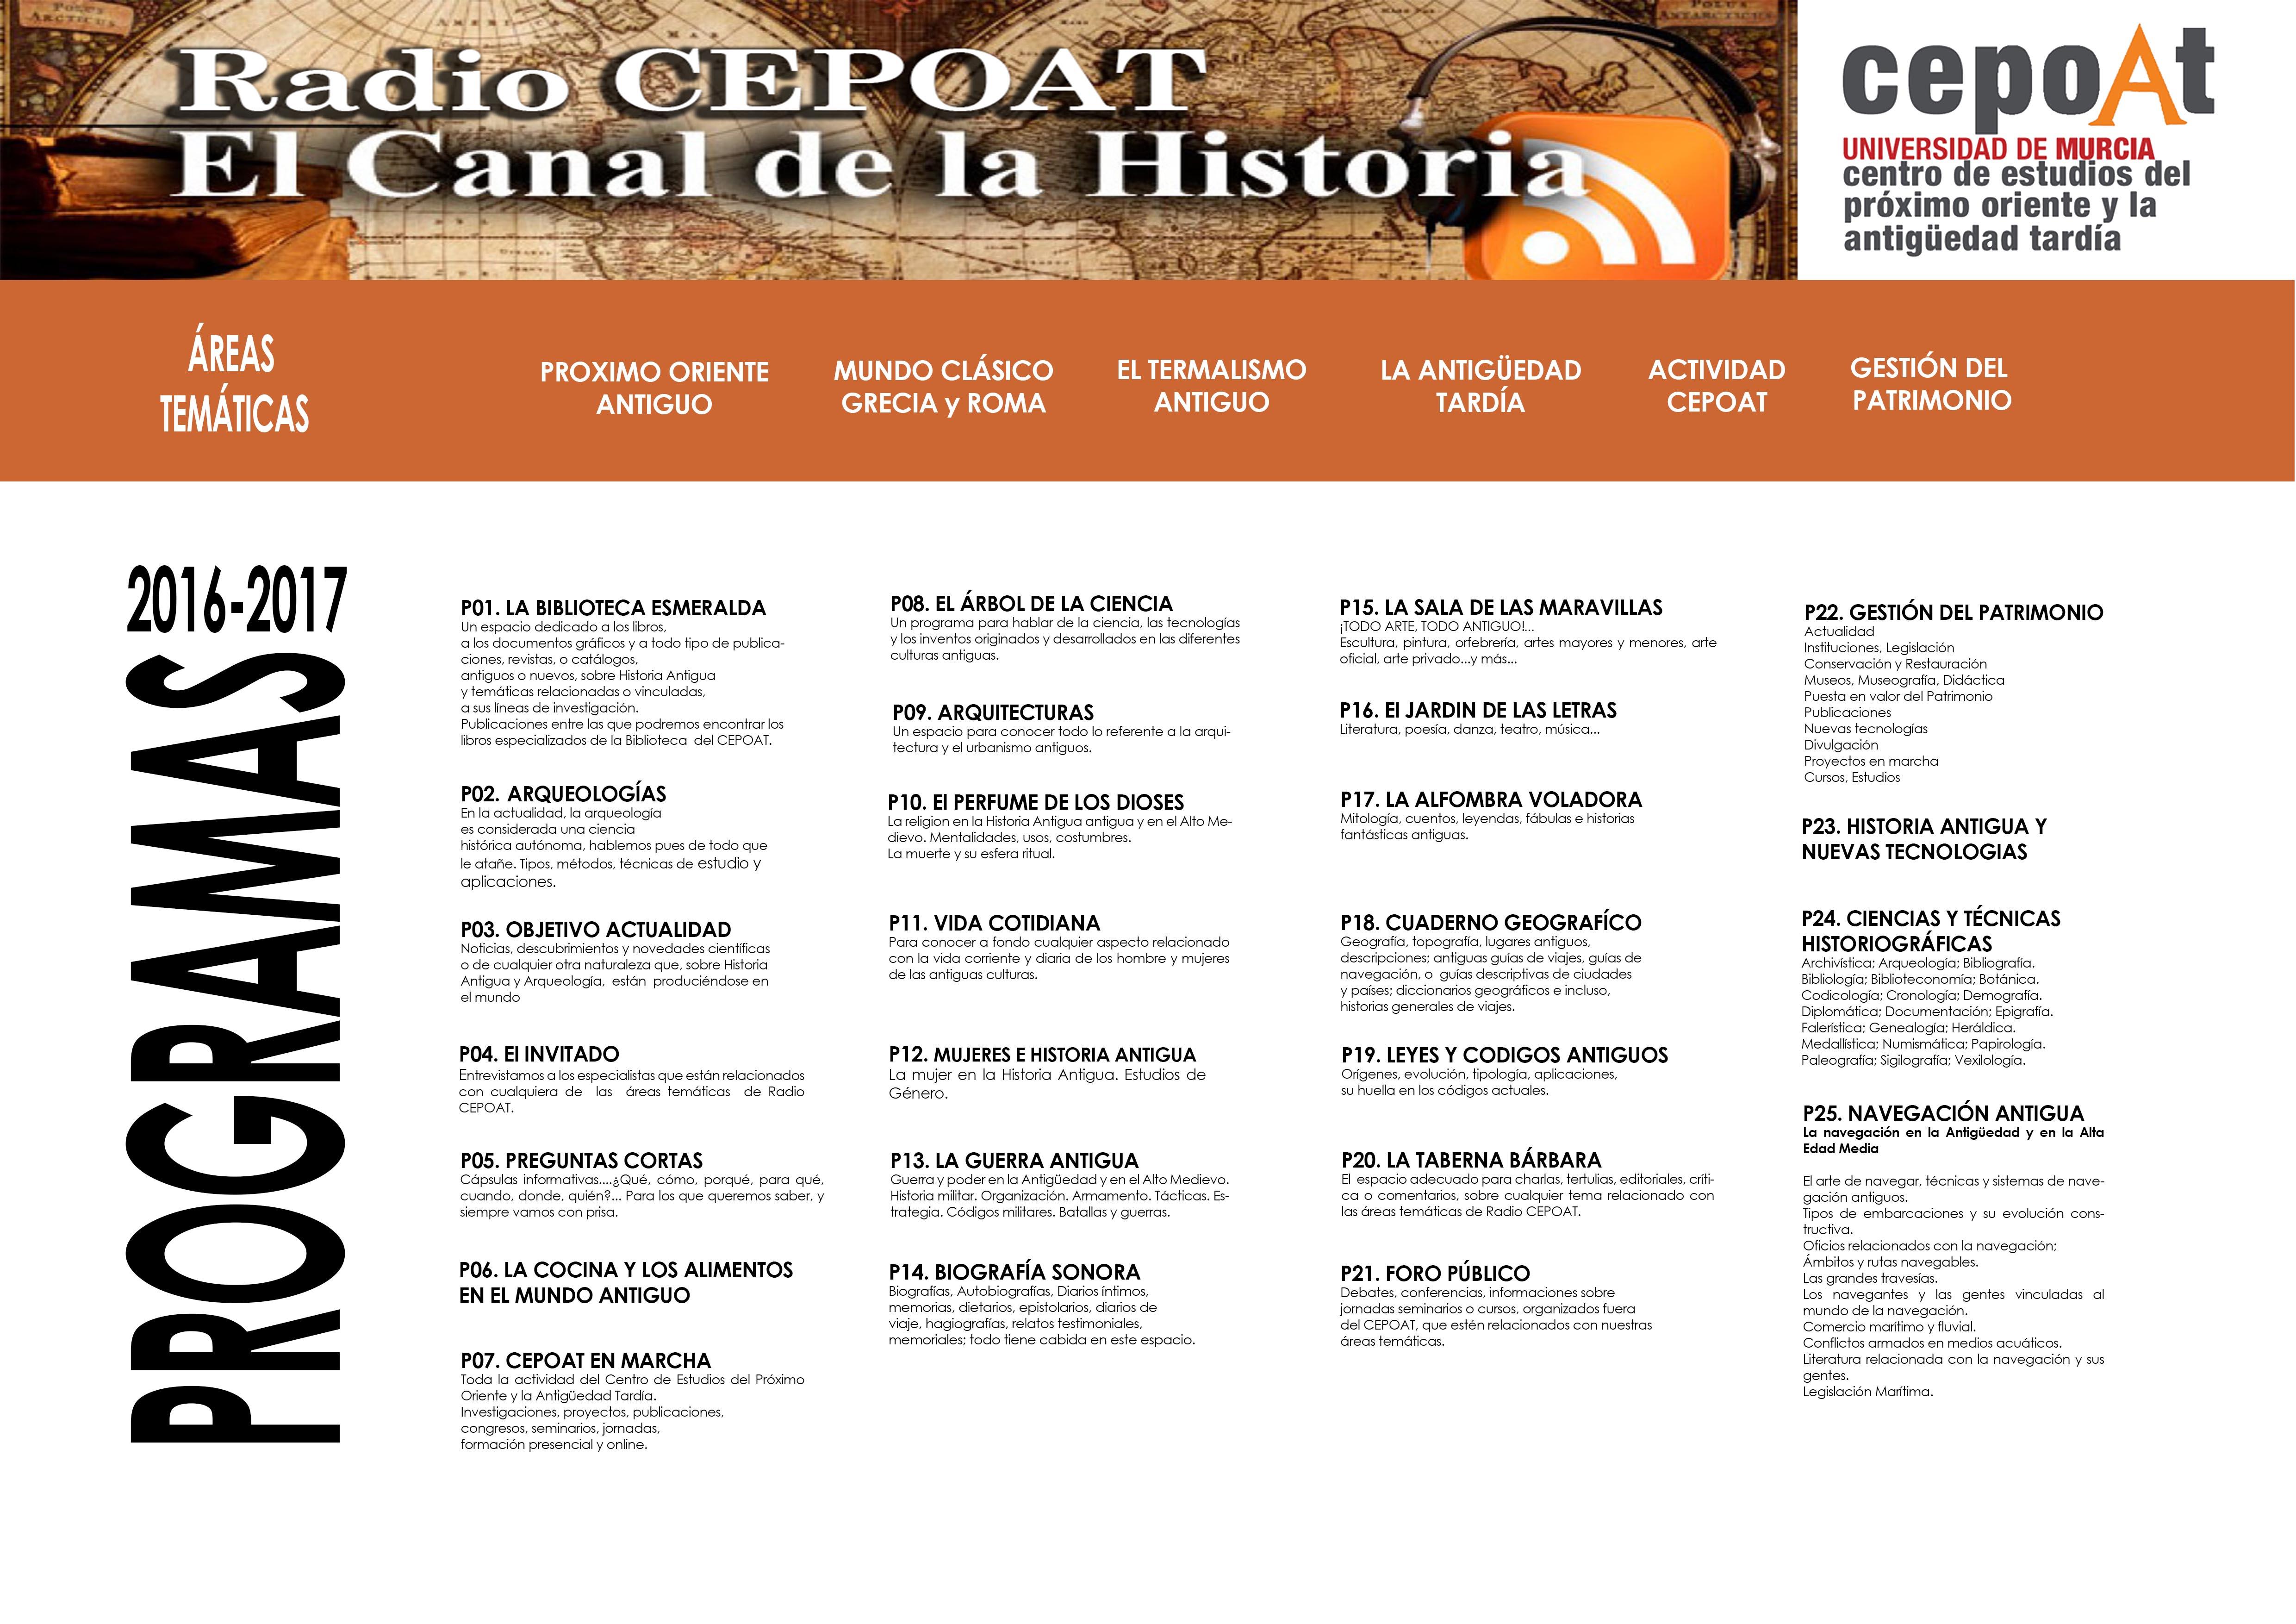 Parrilla de Programas 2016-2017. Radio CEPOAT: El Canal de la Historia.